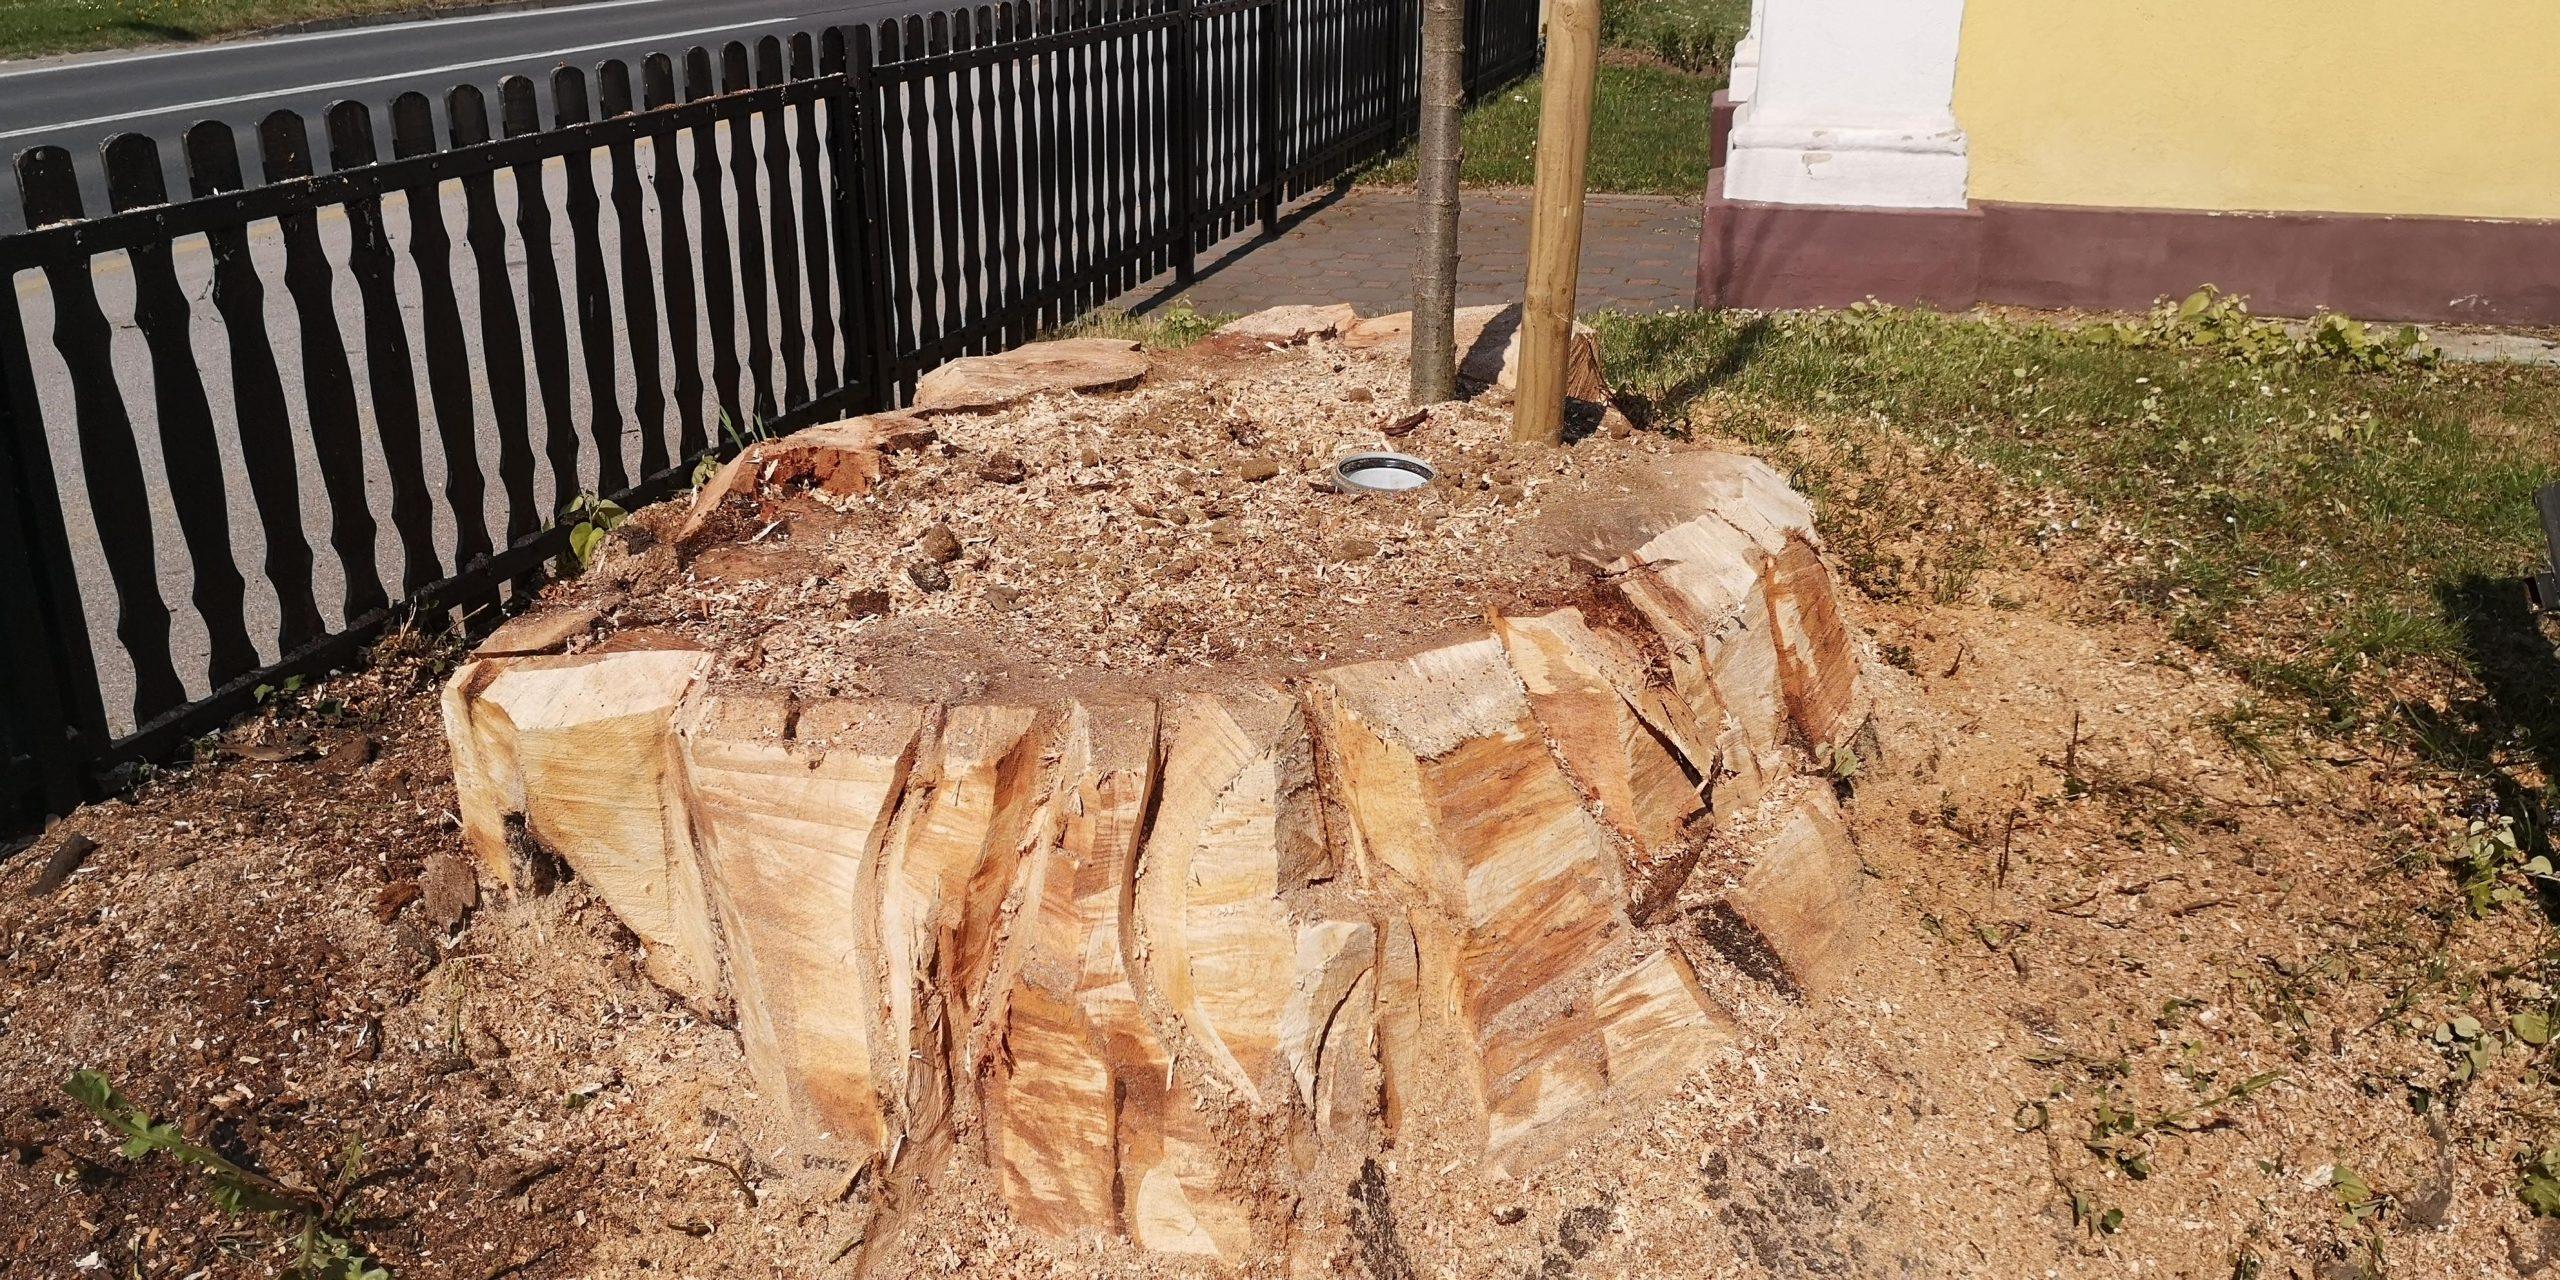 Novo stablo lipe posađeno kod kapelice na Varaždinskoj cesti